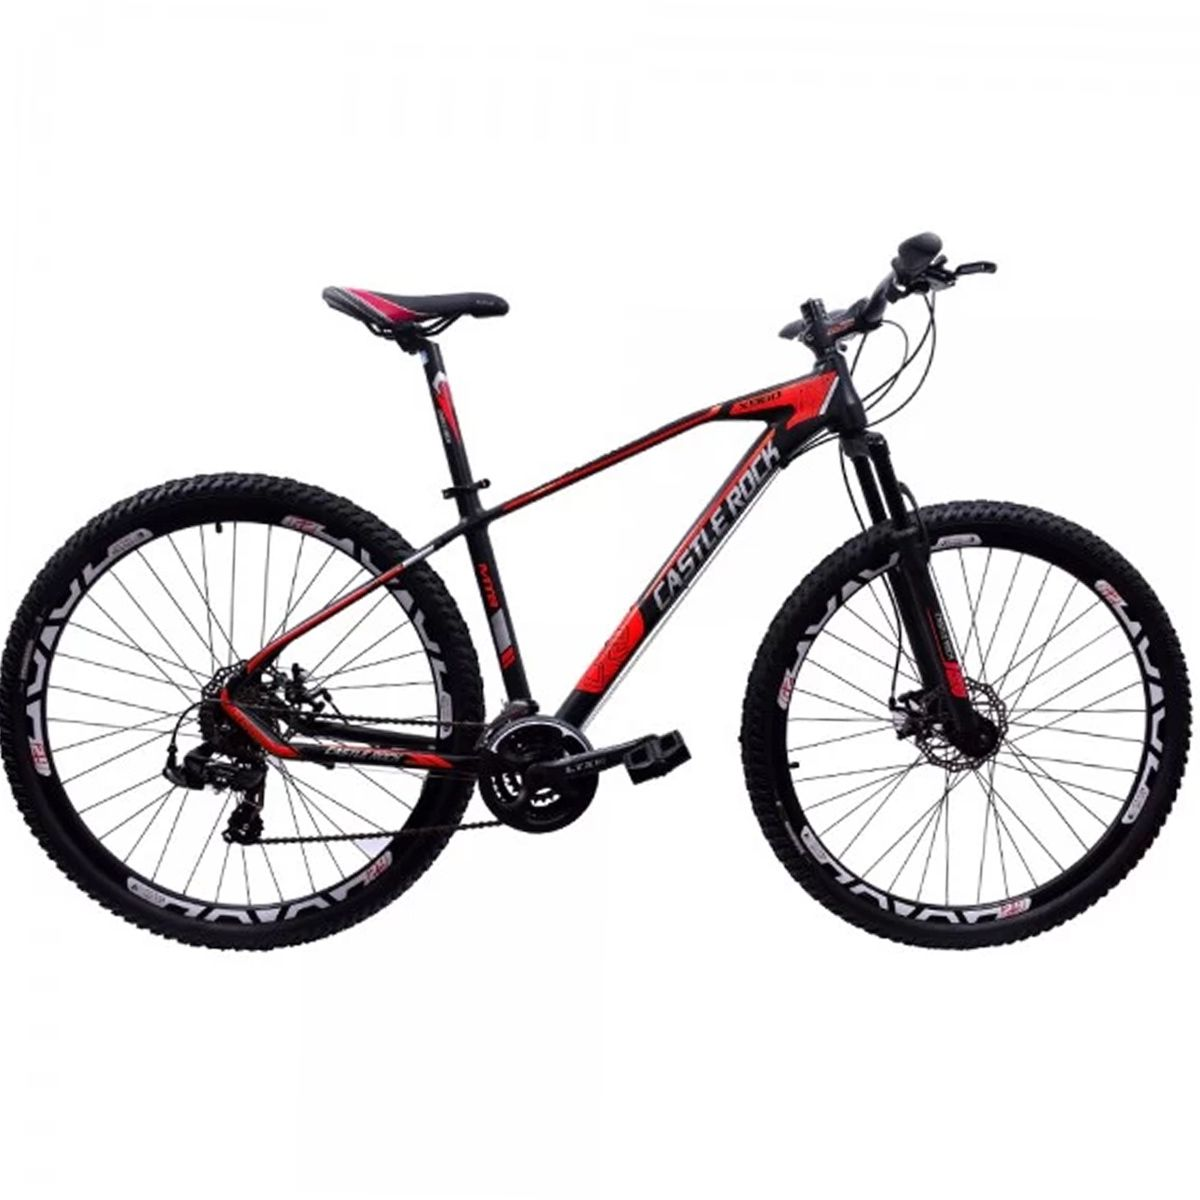 Bicicleta 29 Castle Rock Shimano 24v Preto e Vermelho tamanho 17